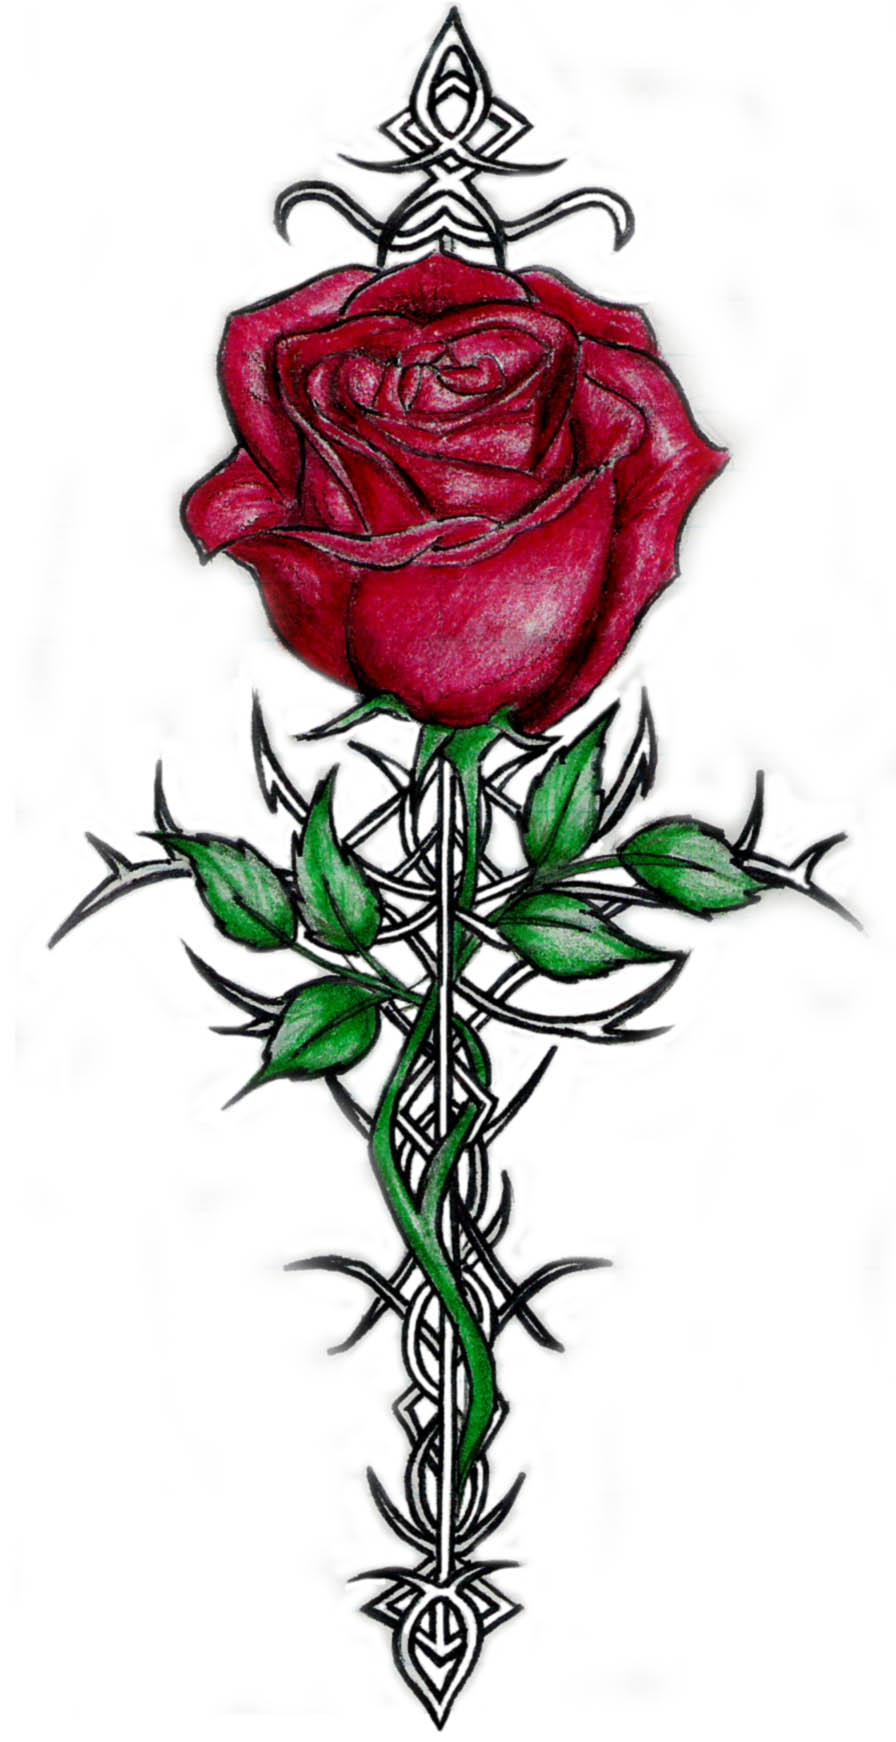 rose tattoos page 39. Black Bedroom Furniture Sets. Home Design Ideas